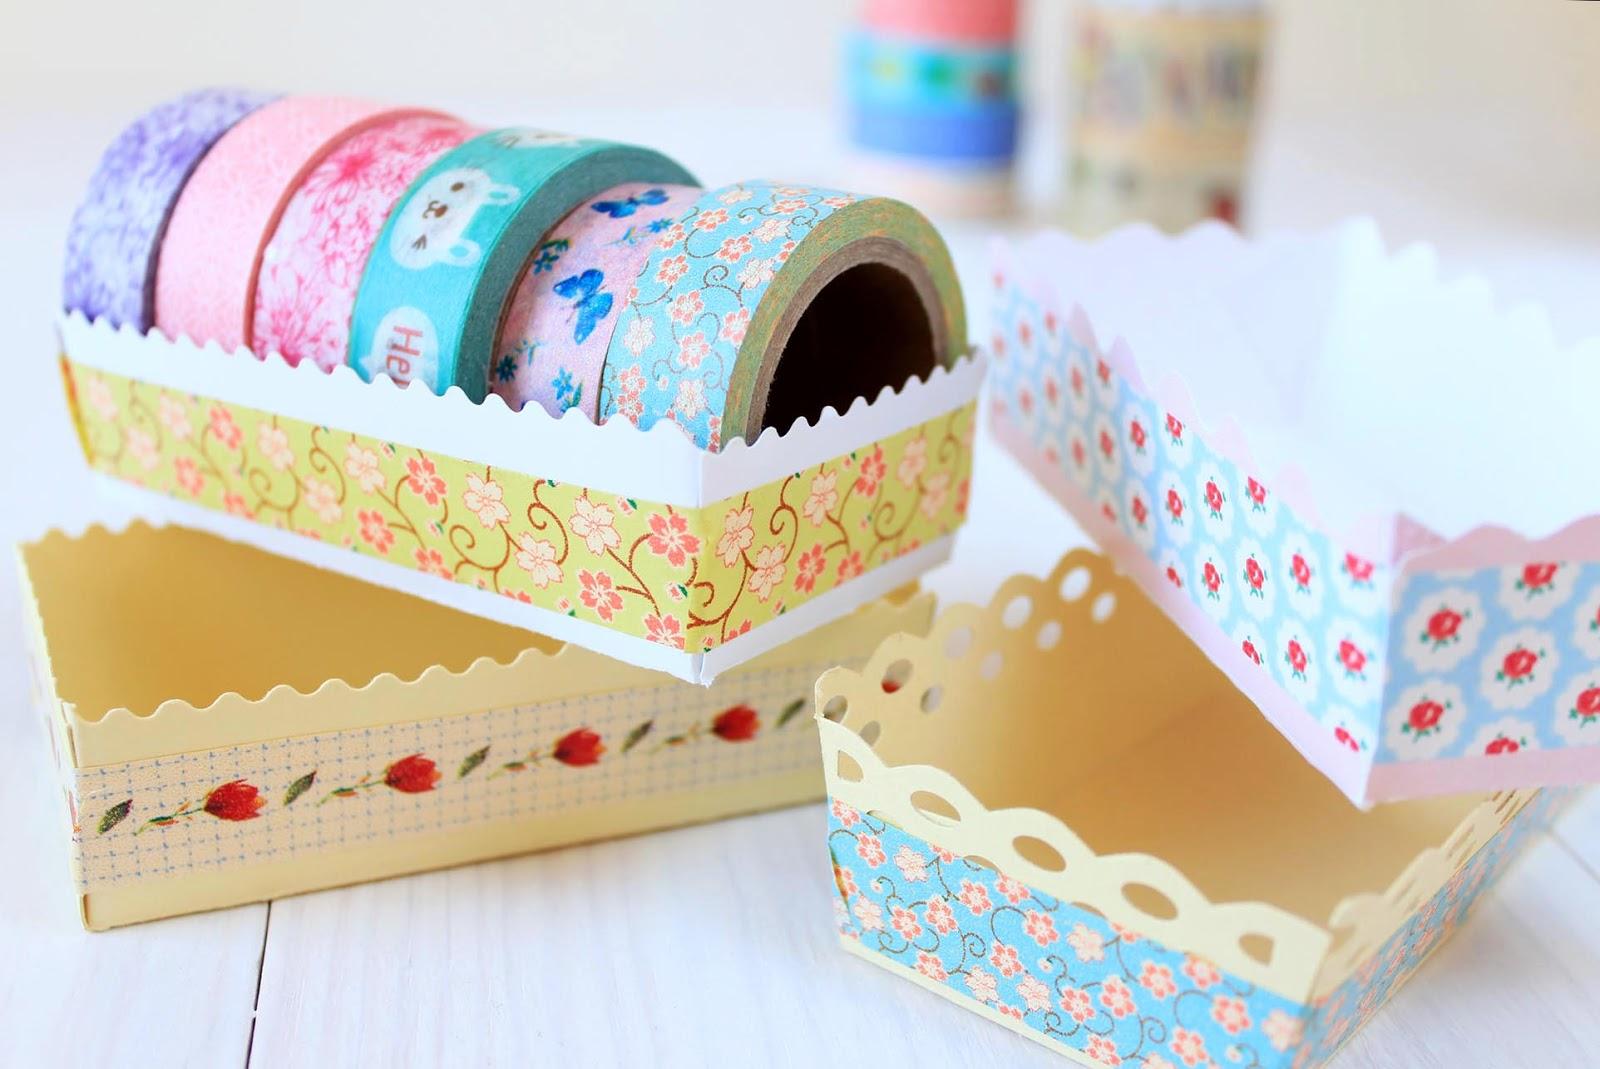 existen un montn de tutoriales y de ideas para emplear el washi tape aunque ya os digo que no tiene ningn secreto depende de nosotrs y la creatividad